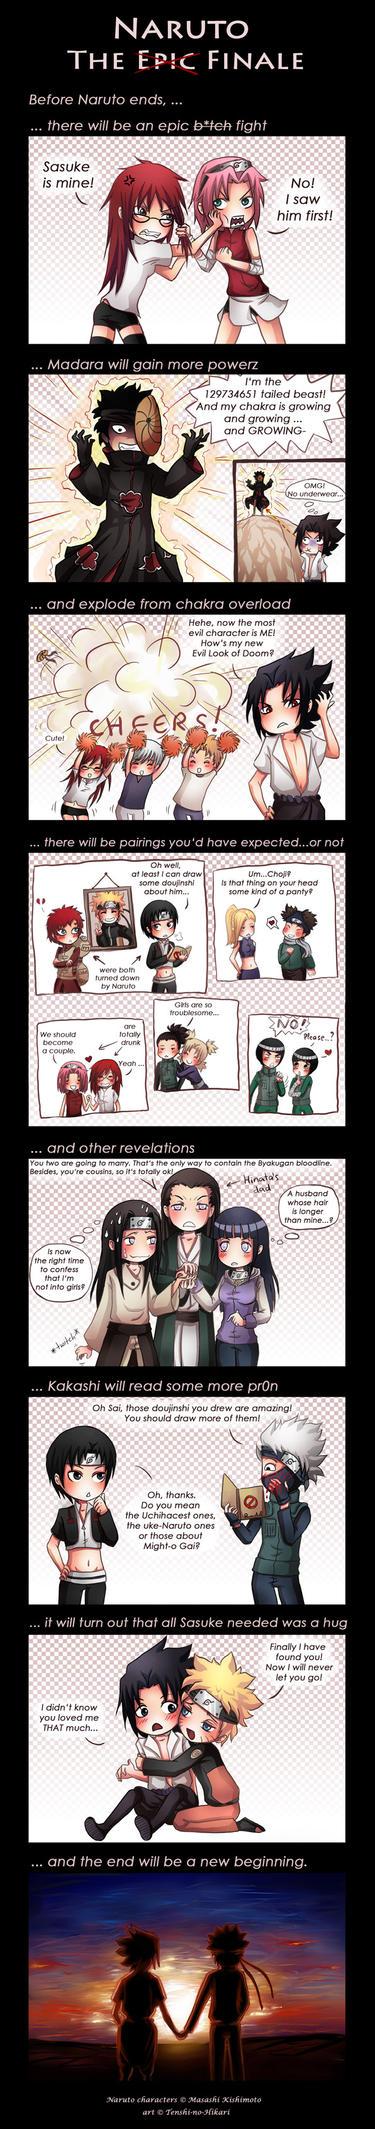 Naruto - The epic finale by Tenshi-no-Hikari